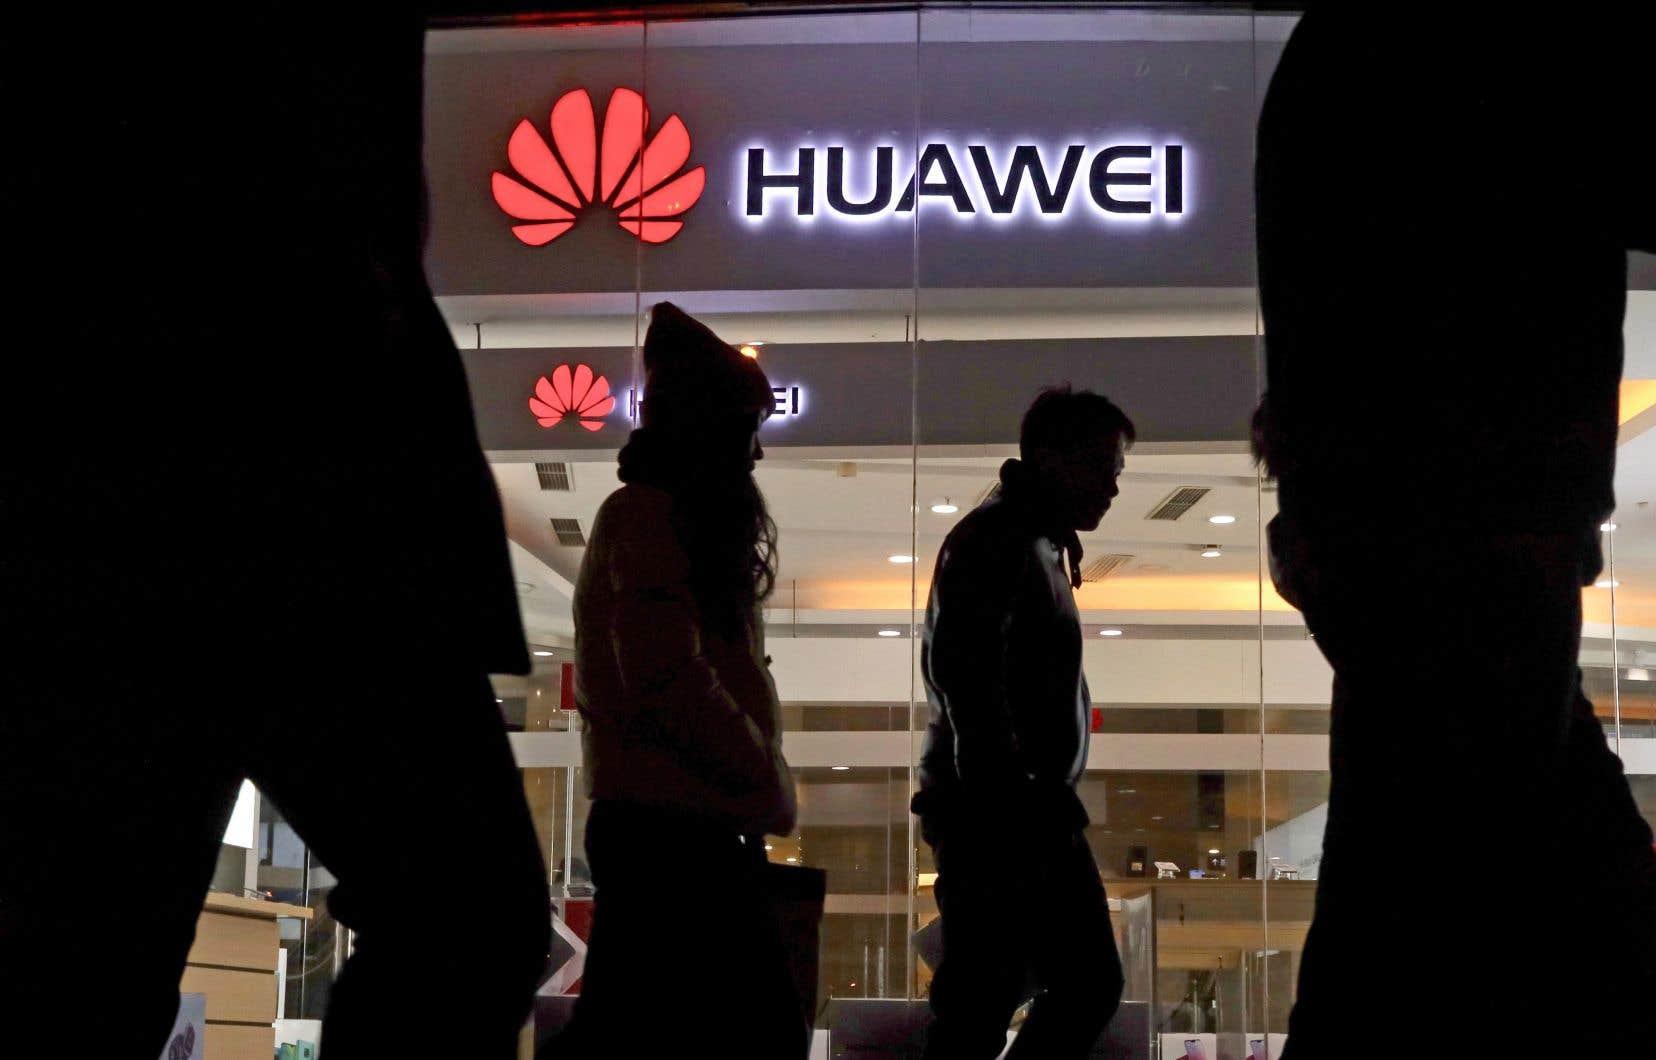 L'arrestation de la directrice financière de Huawei, la plus importante compagnie privée chinoise, place le Canada au coeur d'une possible crise diplomatique.